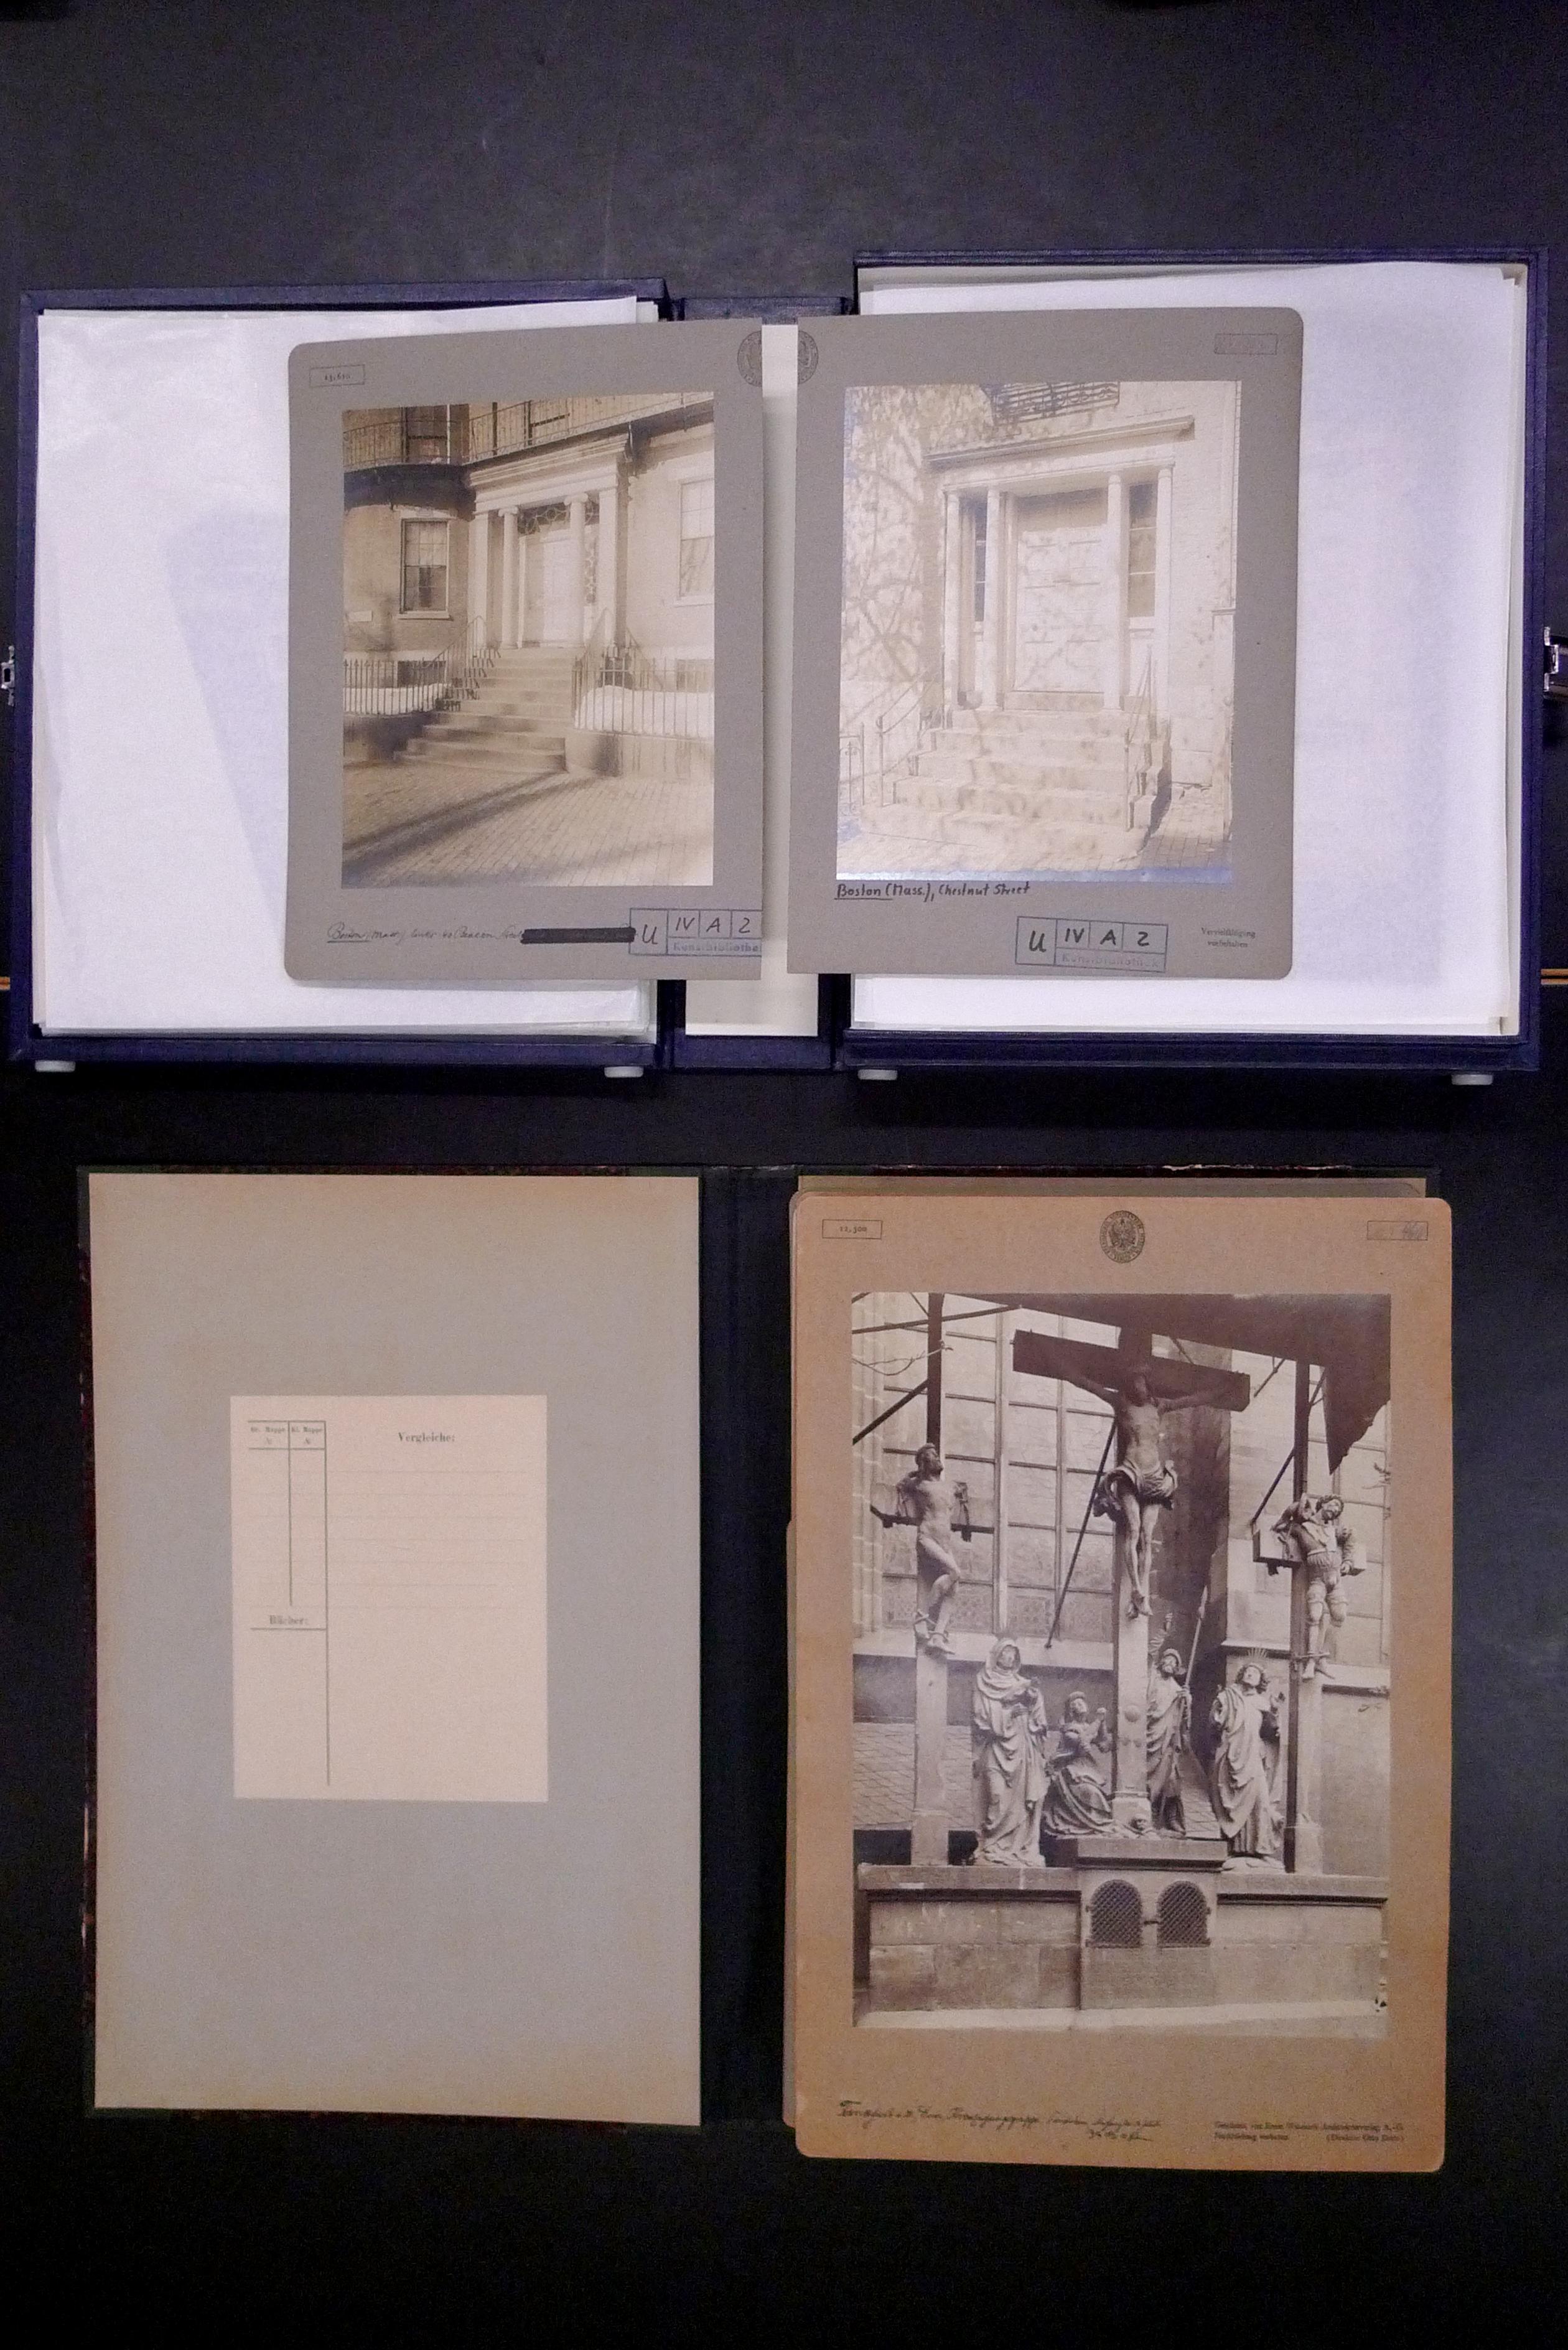 Architekturfotografien aus den USA und Europa um 1900 | FOTO-OBJEKTE